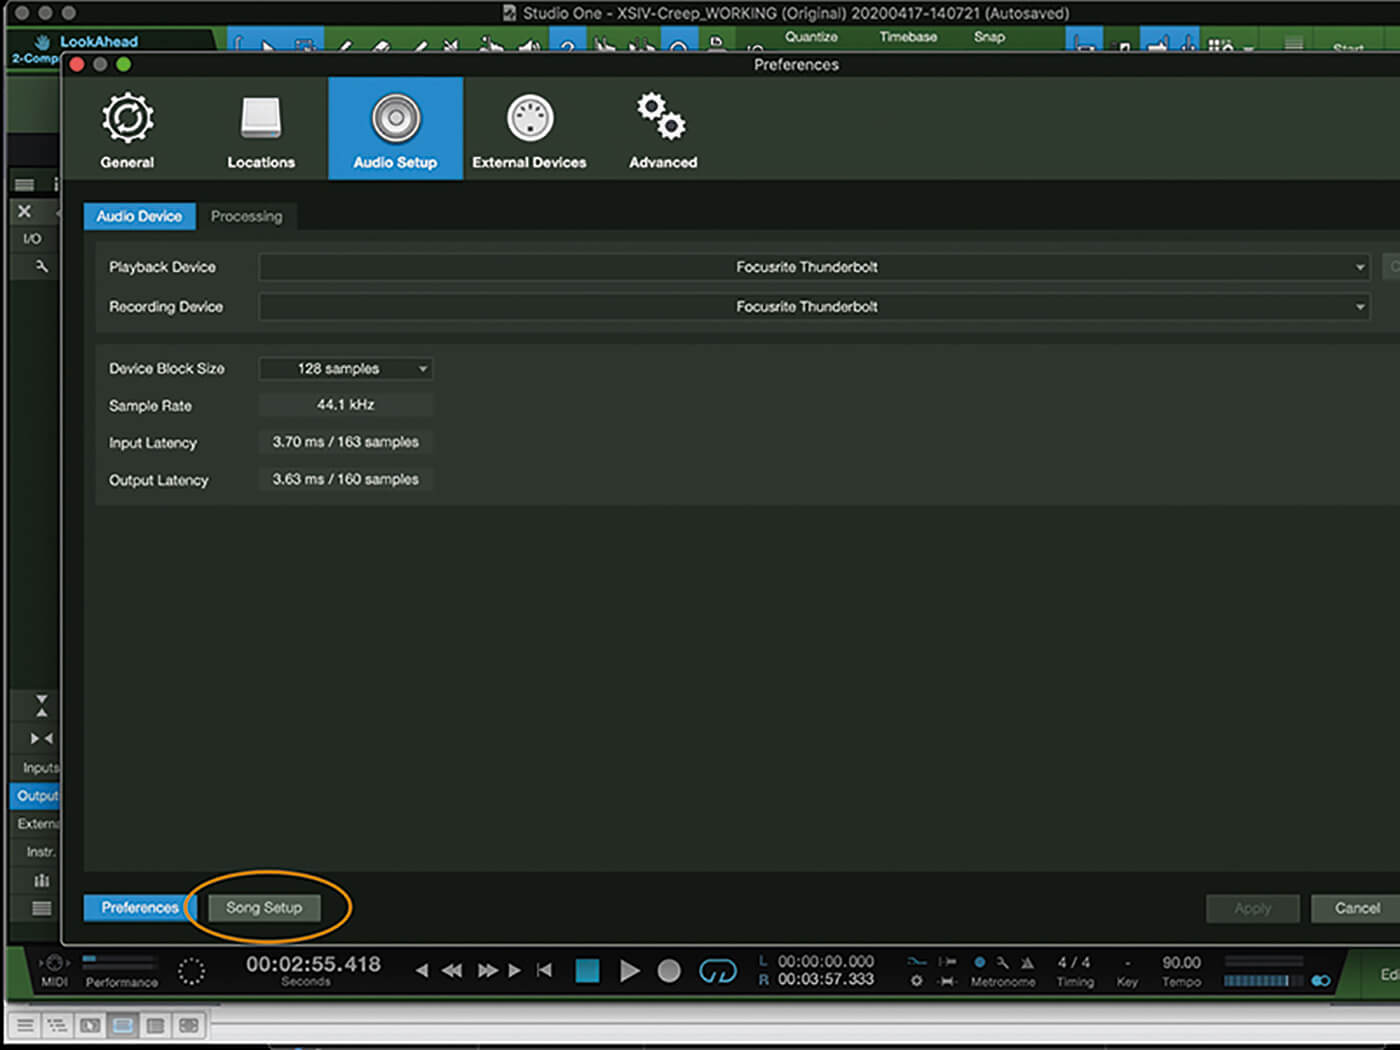 MT207 Studio One Recording Vocals 14